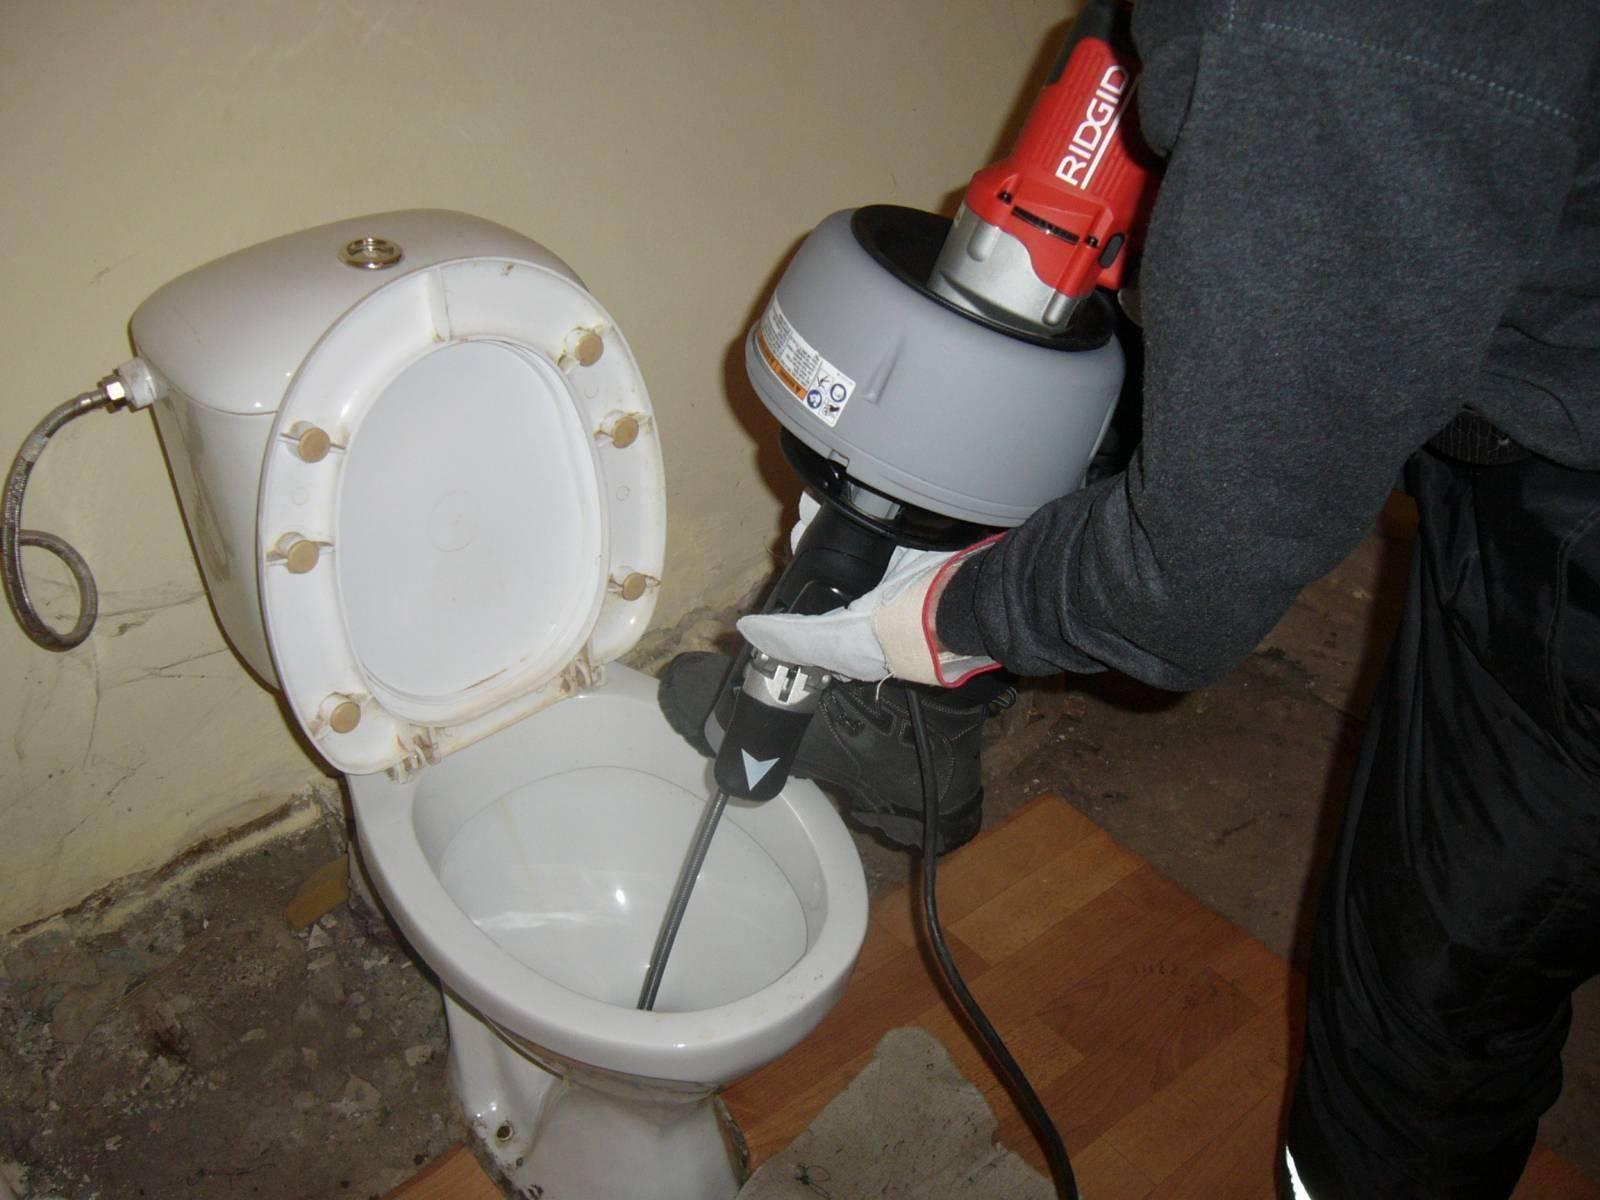 Как прочистить унитаз от засора в домашних условиях?